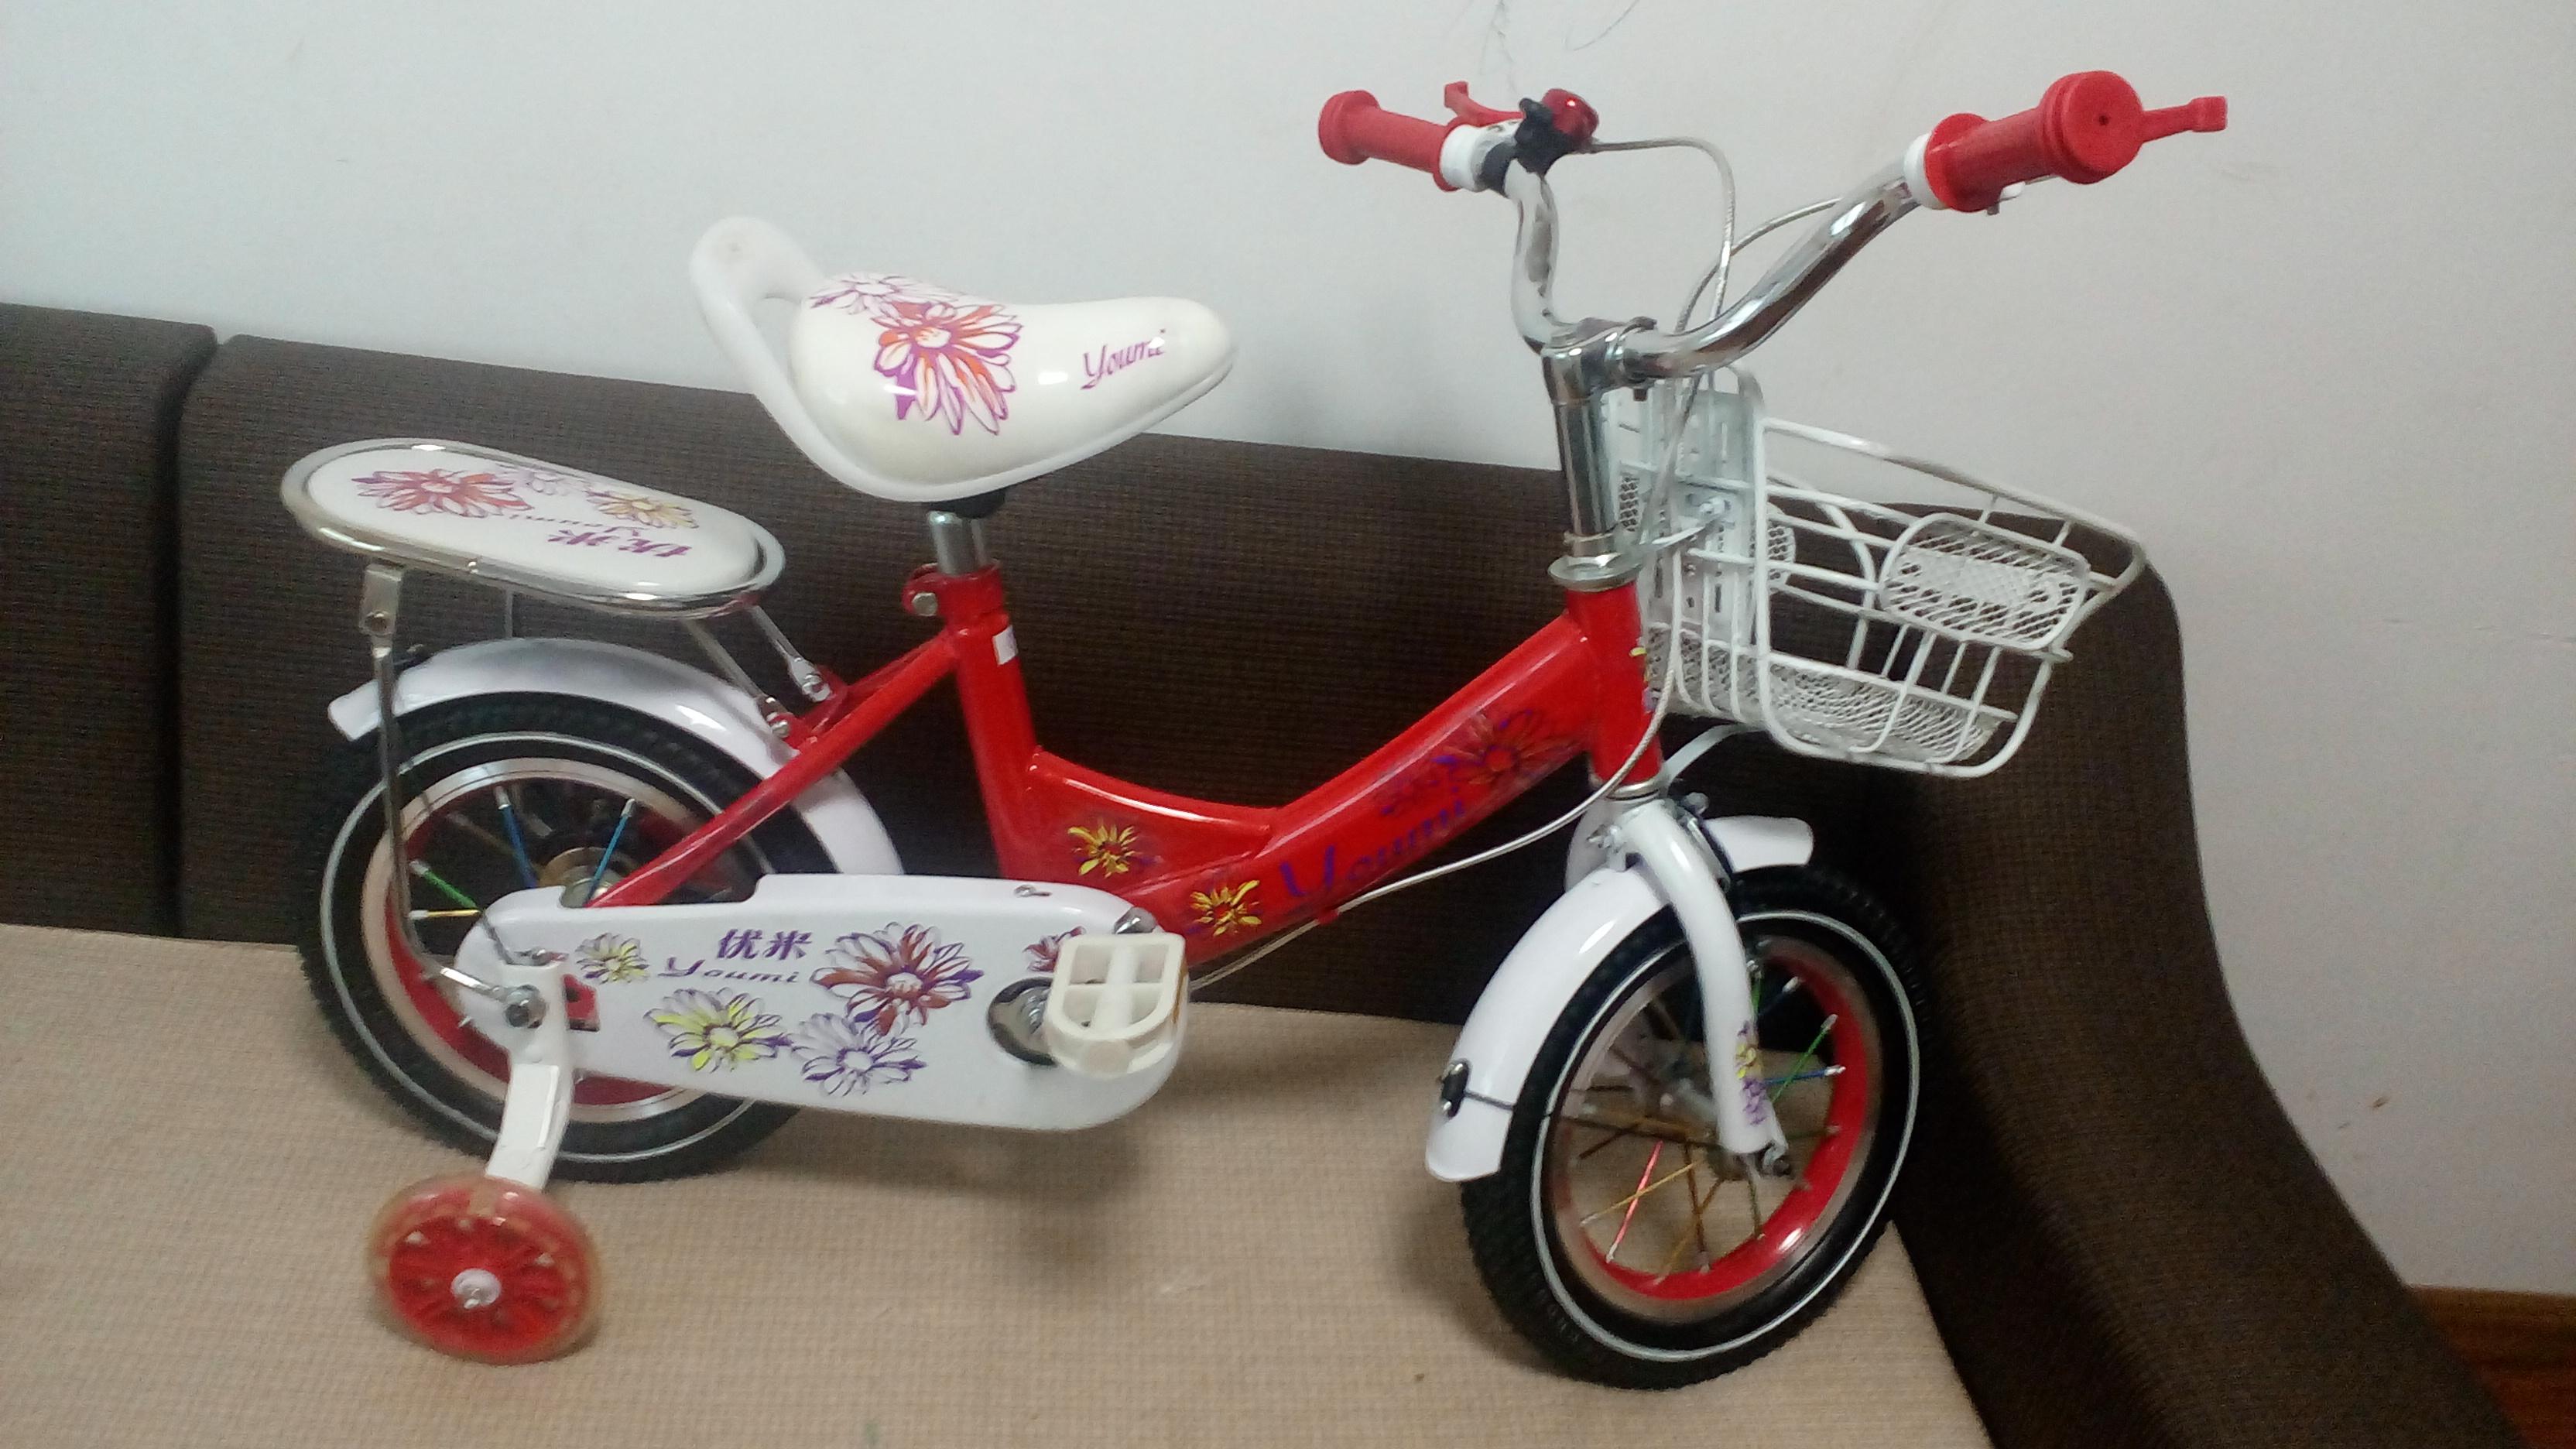 Xe đạp trẻ em cho bé 2, 3, 4, tuổi Youmi màu đỏ đẹp từng chi tiết